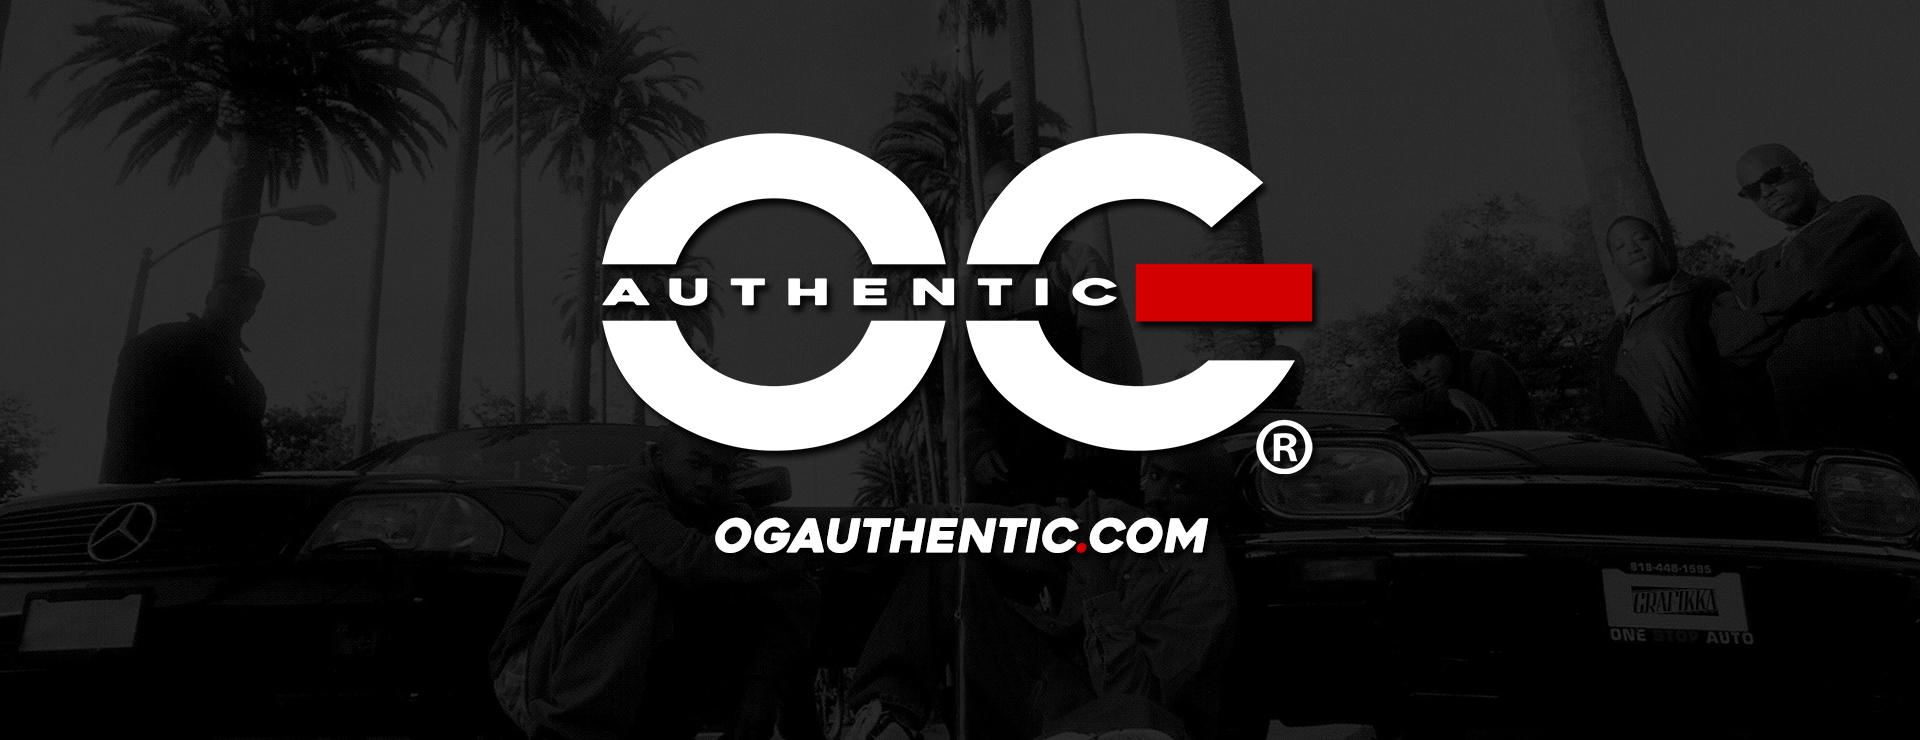 OG Authentic Social Media Grafik